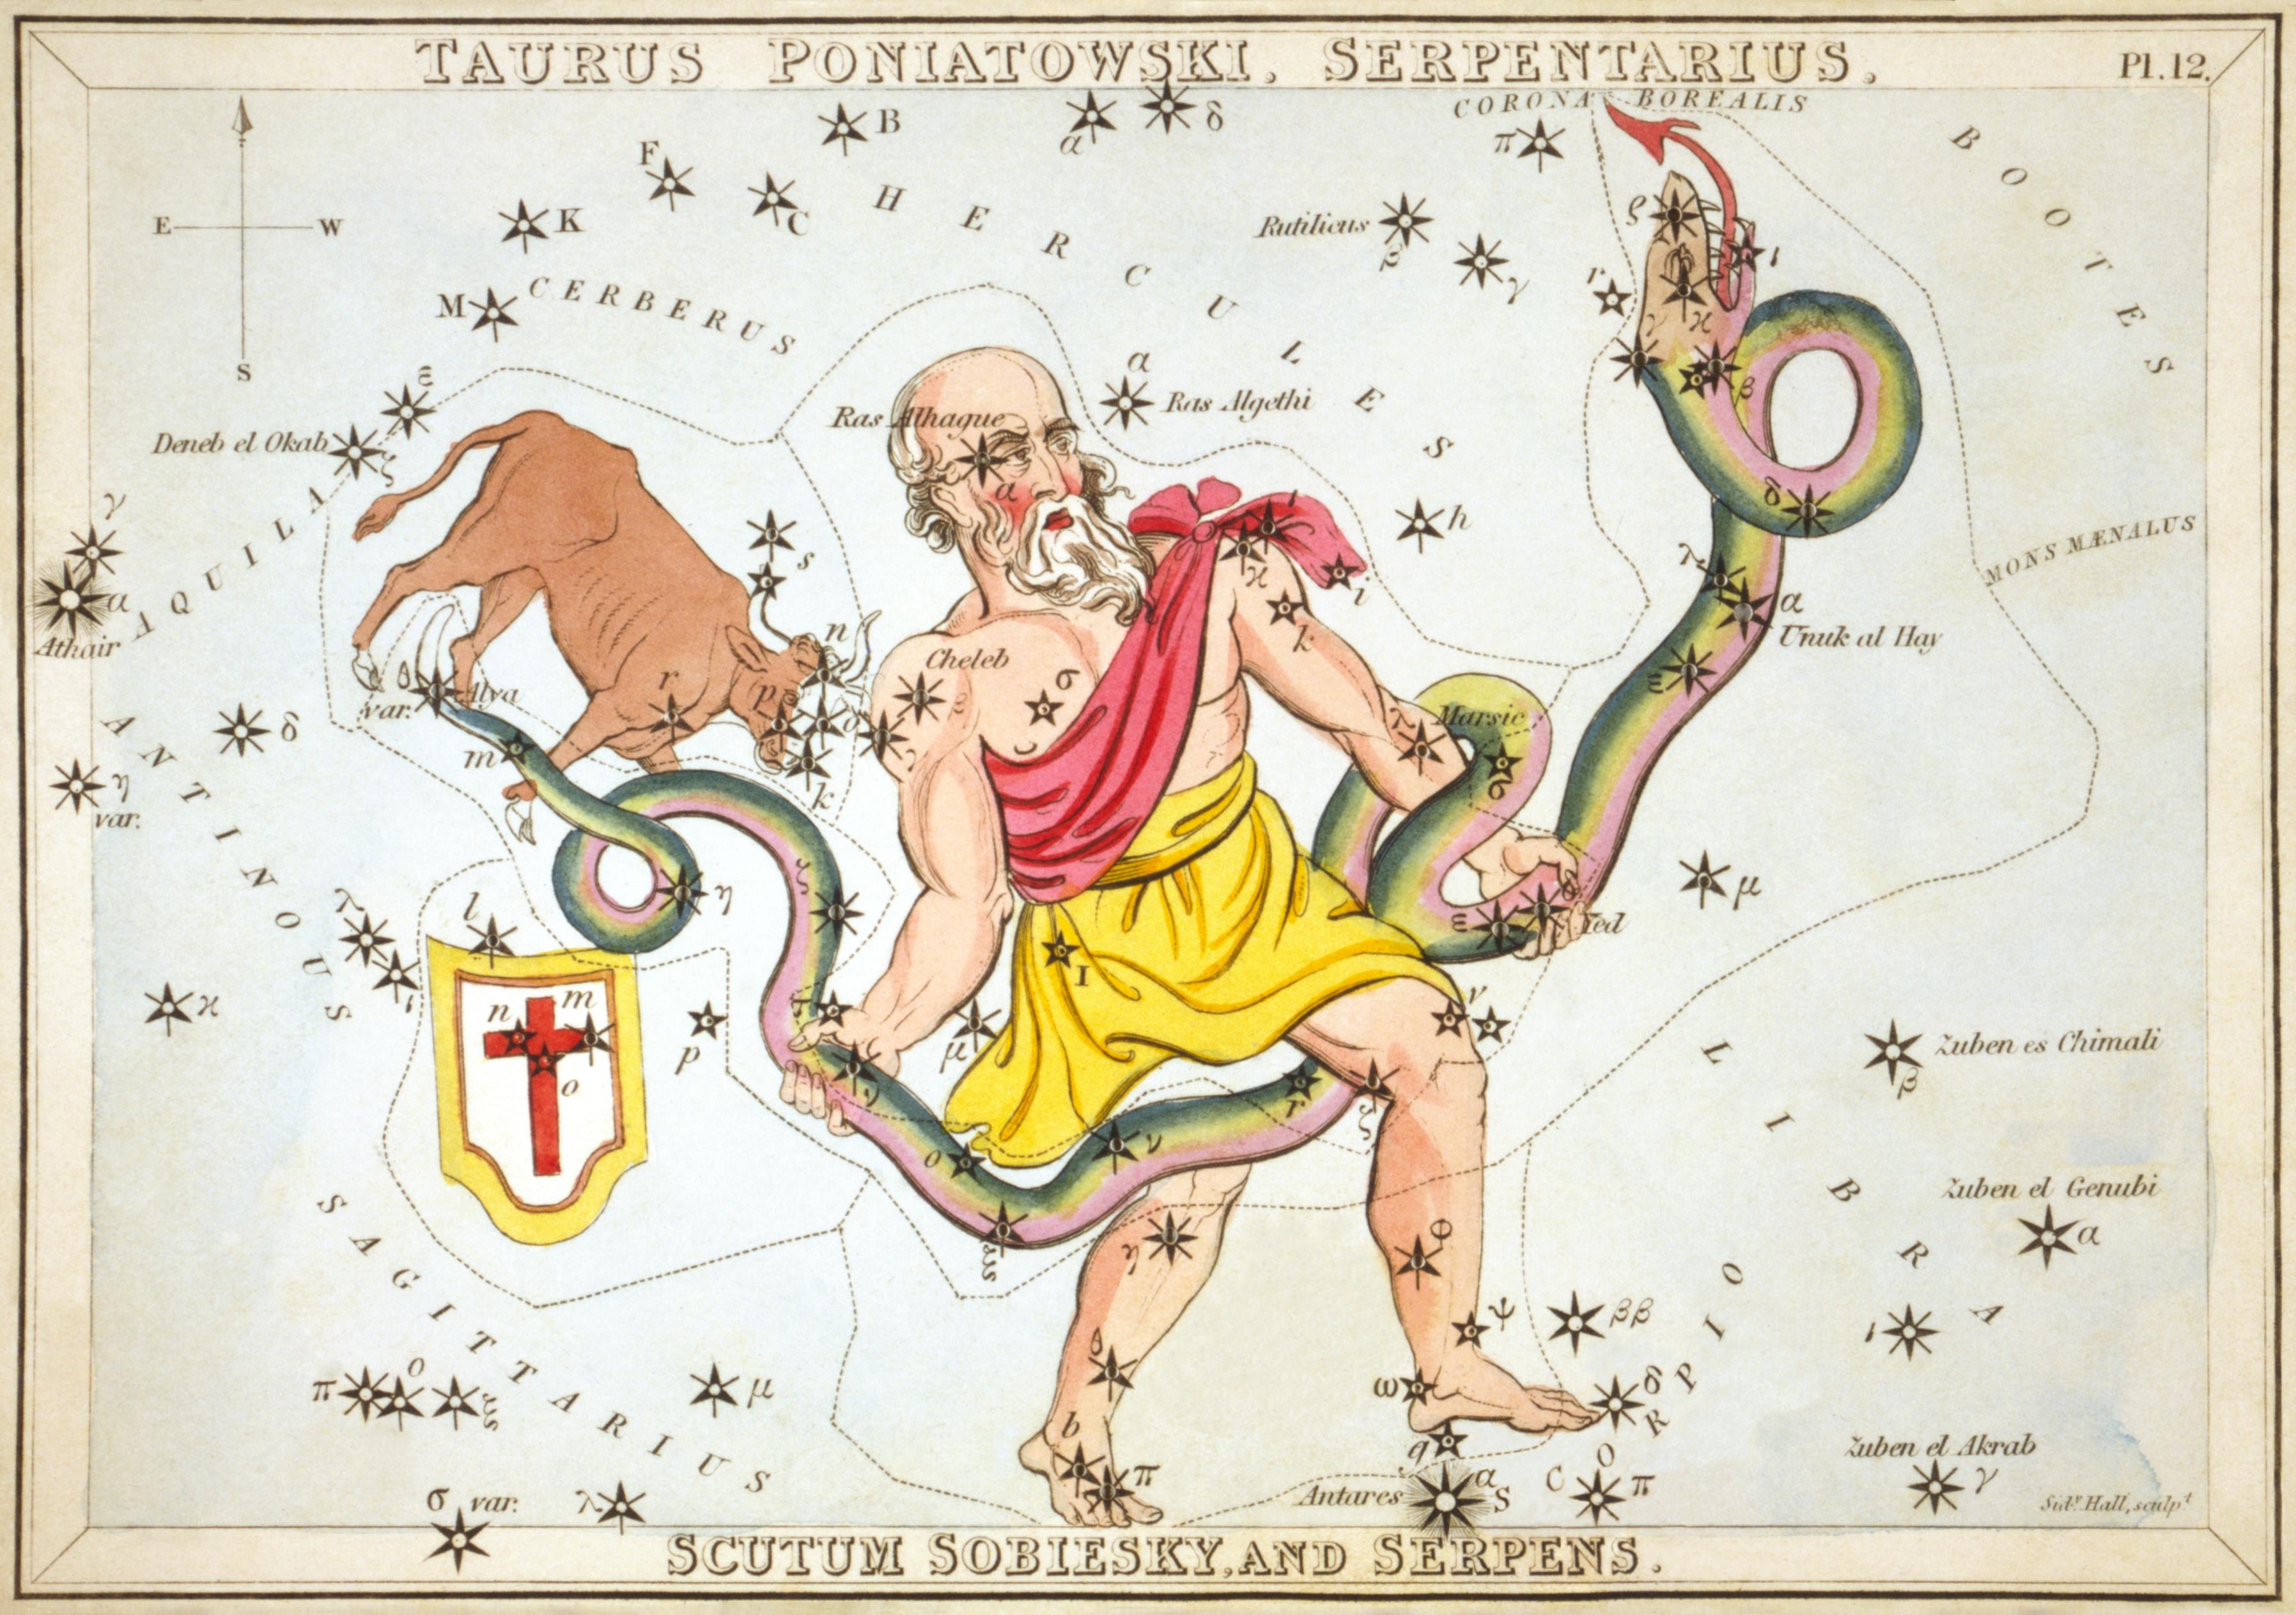 Карточка №12: Телец Понятовского, Змееносец, Щит Собеского, и Змея